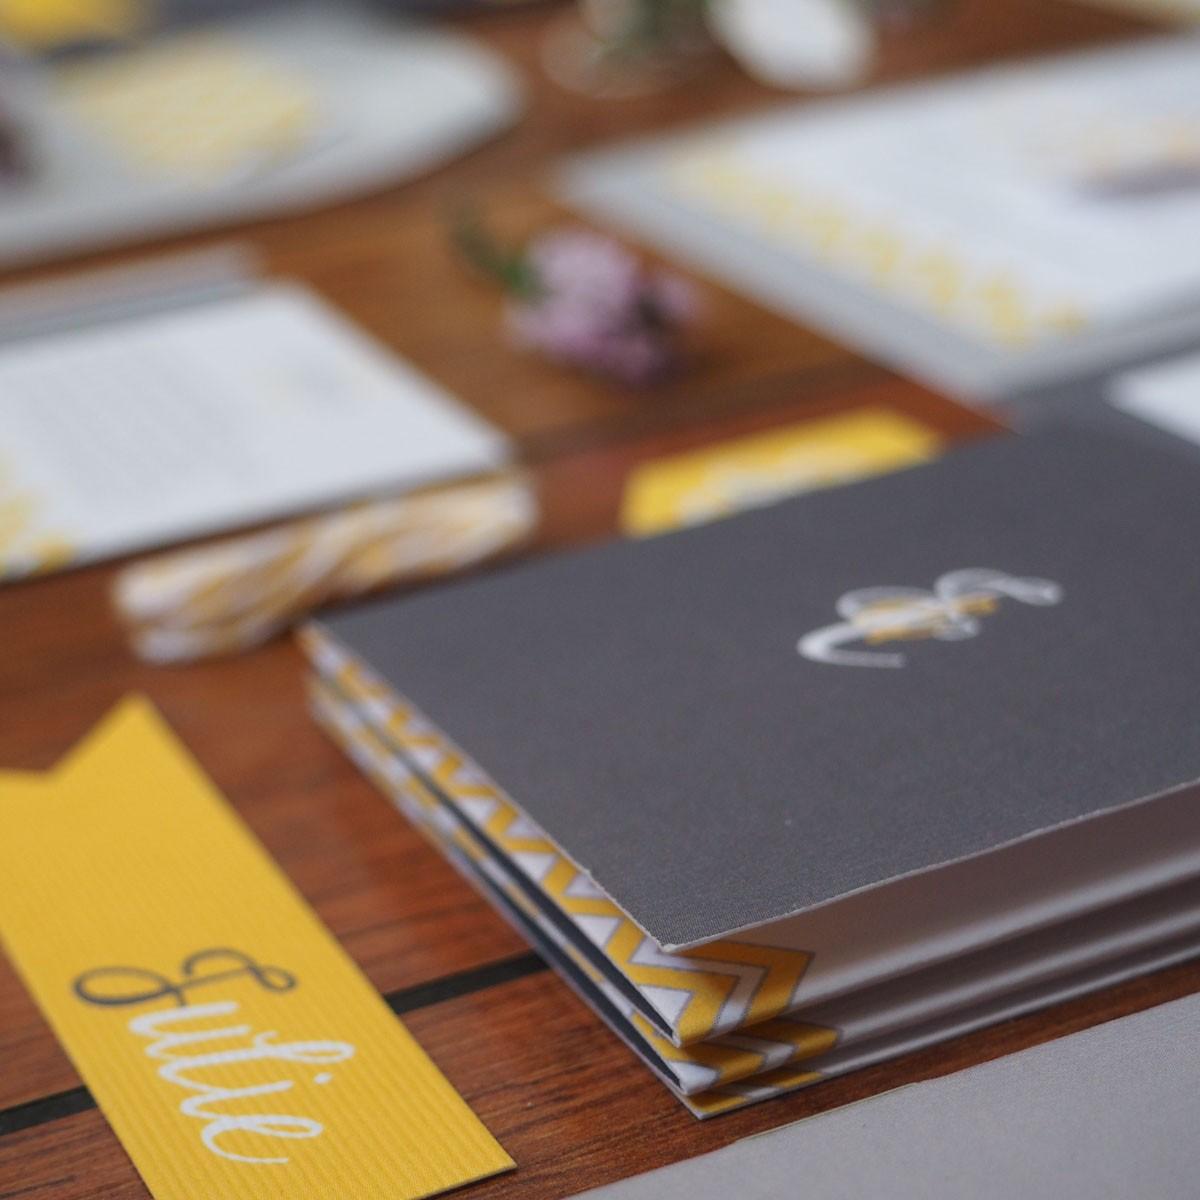 faire-part personnalisé mariage jaune gris amiens lille paris creation chevron elegant chic pliage